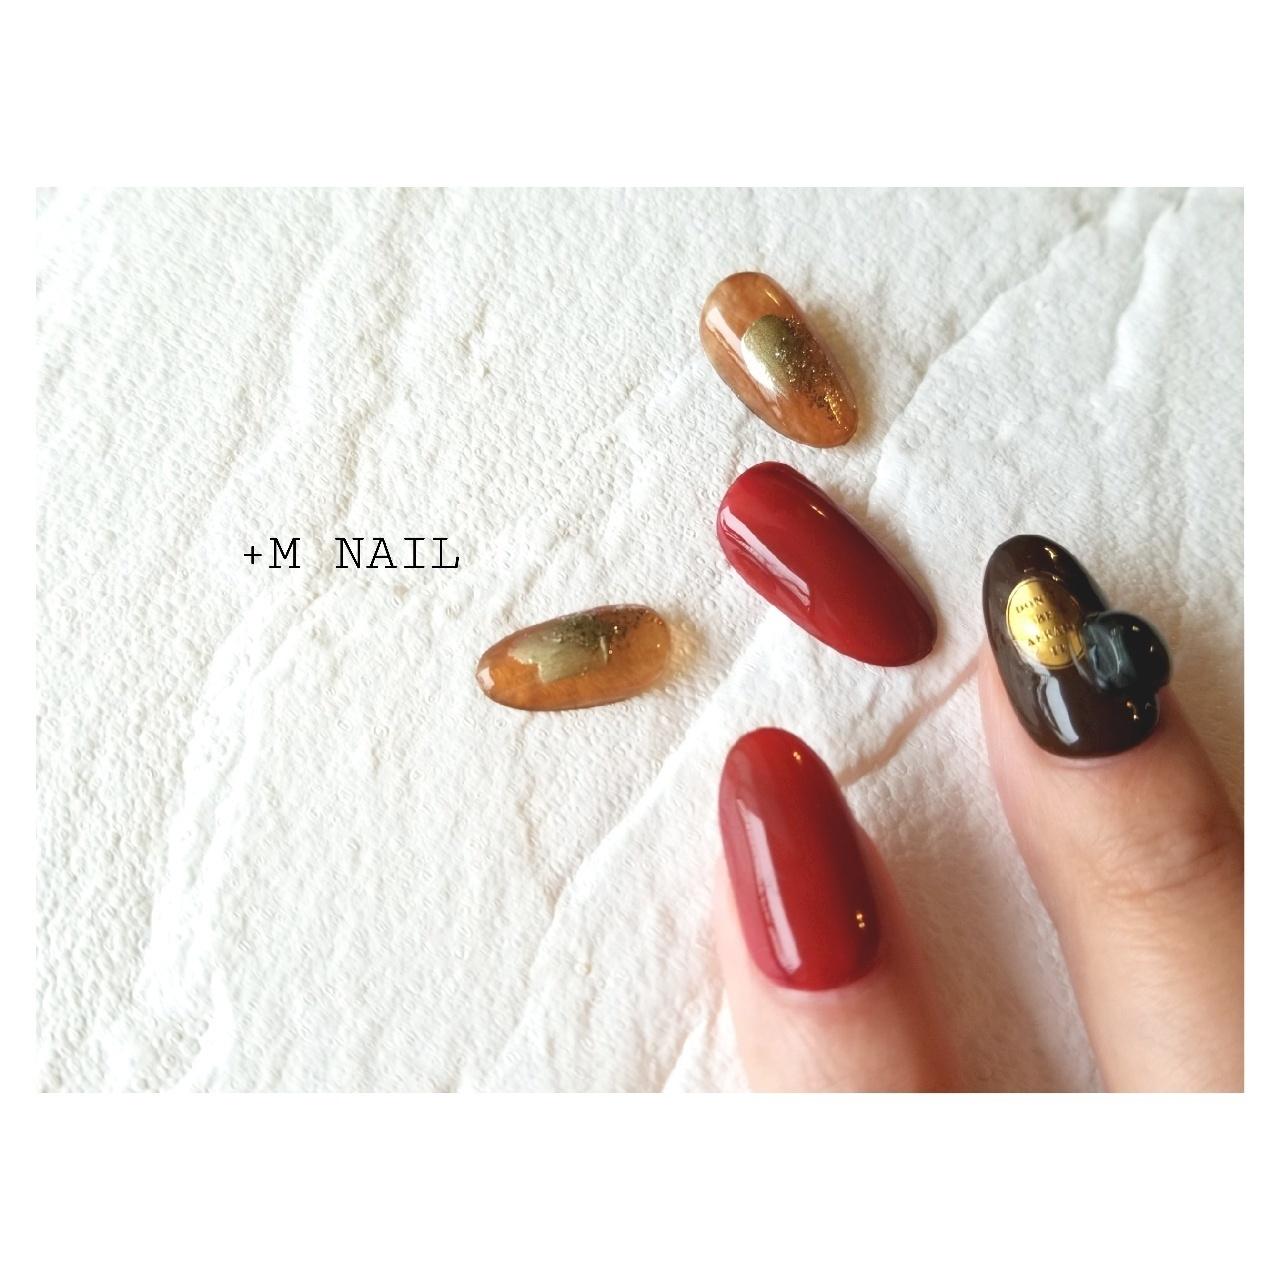 #nails #ジェル #ジェルネイル #ネイル #ネイルサロン #ネイルデザイン #ハンド #パーティー #大人ネイル #大人可愛い #赤ネイル#ニュアンスネイル#カジュアルネイル#おしゃれネイル#ストーンネイル